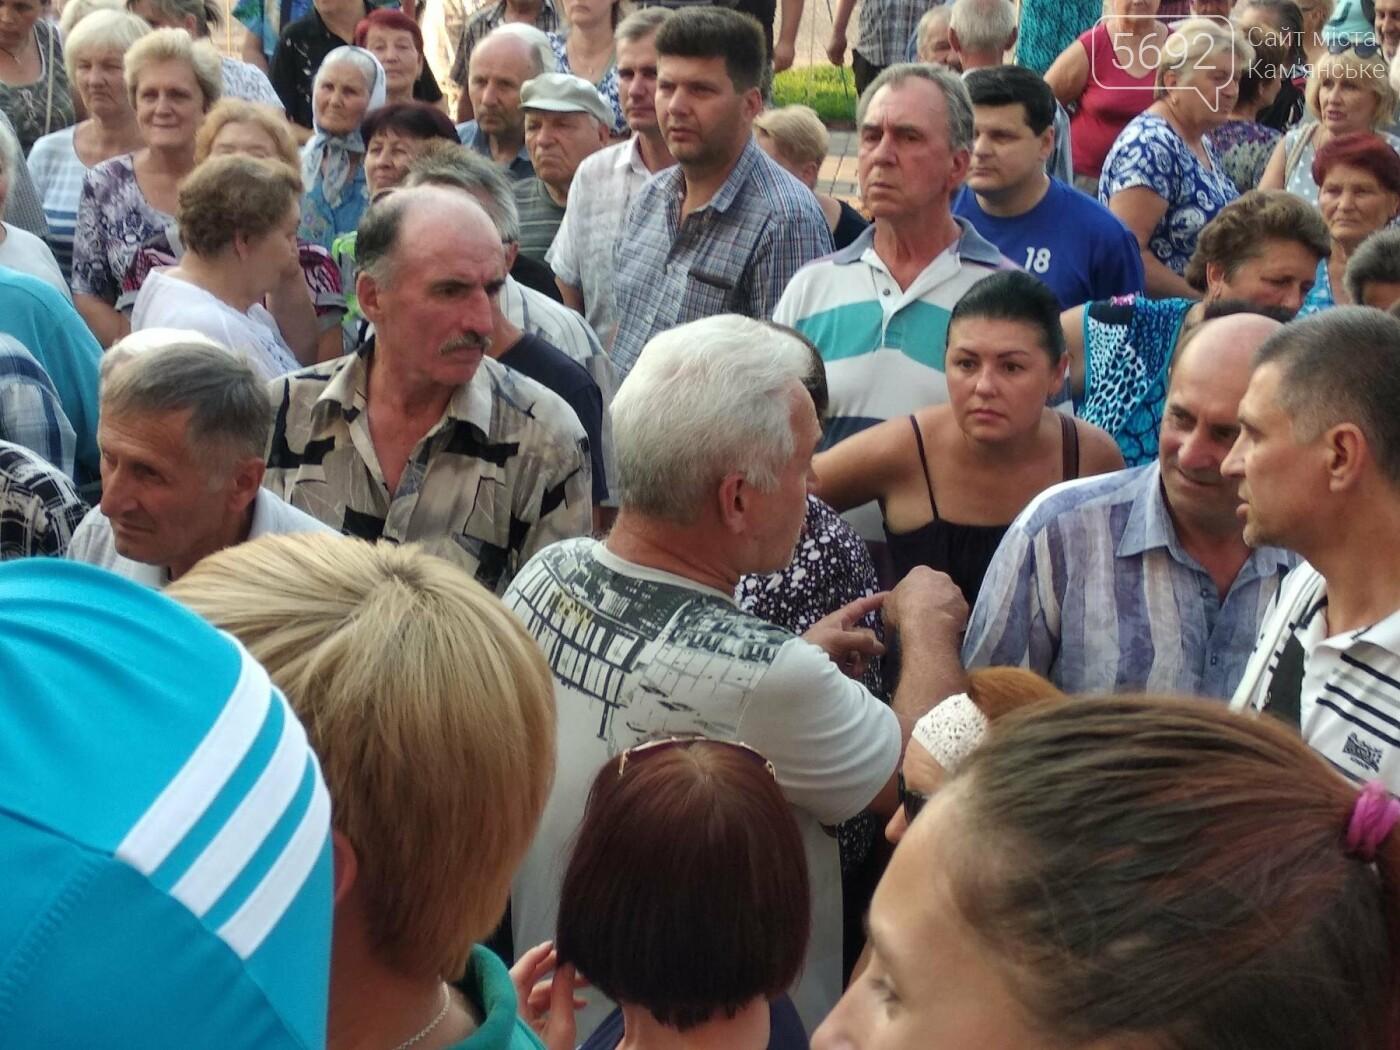 В Романково прошла массовая акция каменчан против газовщиков, фото-7